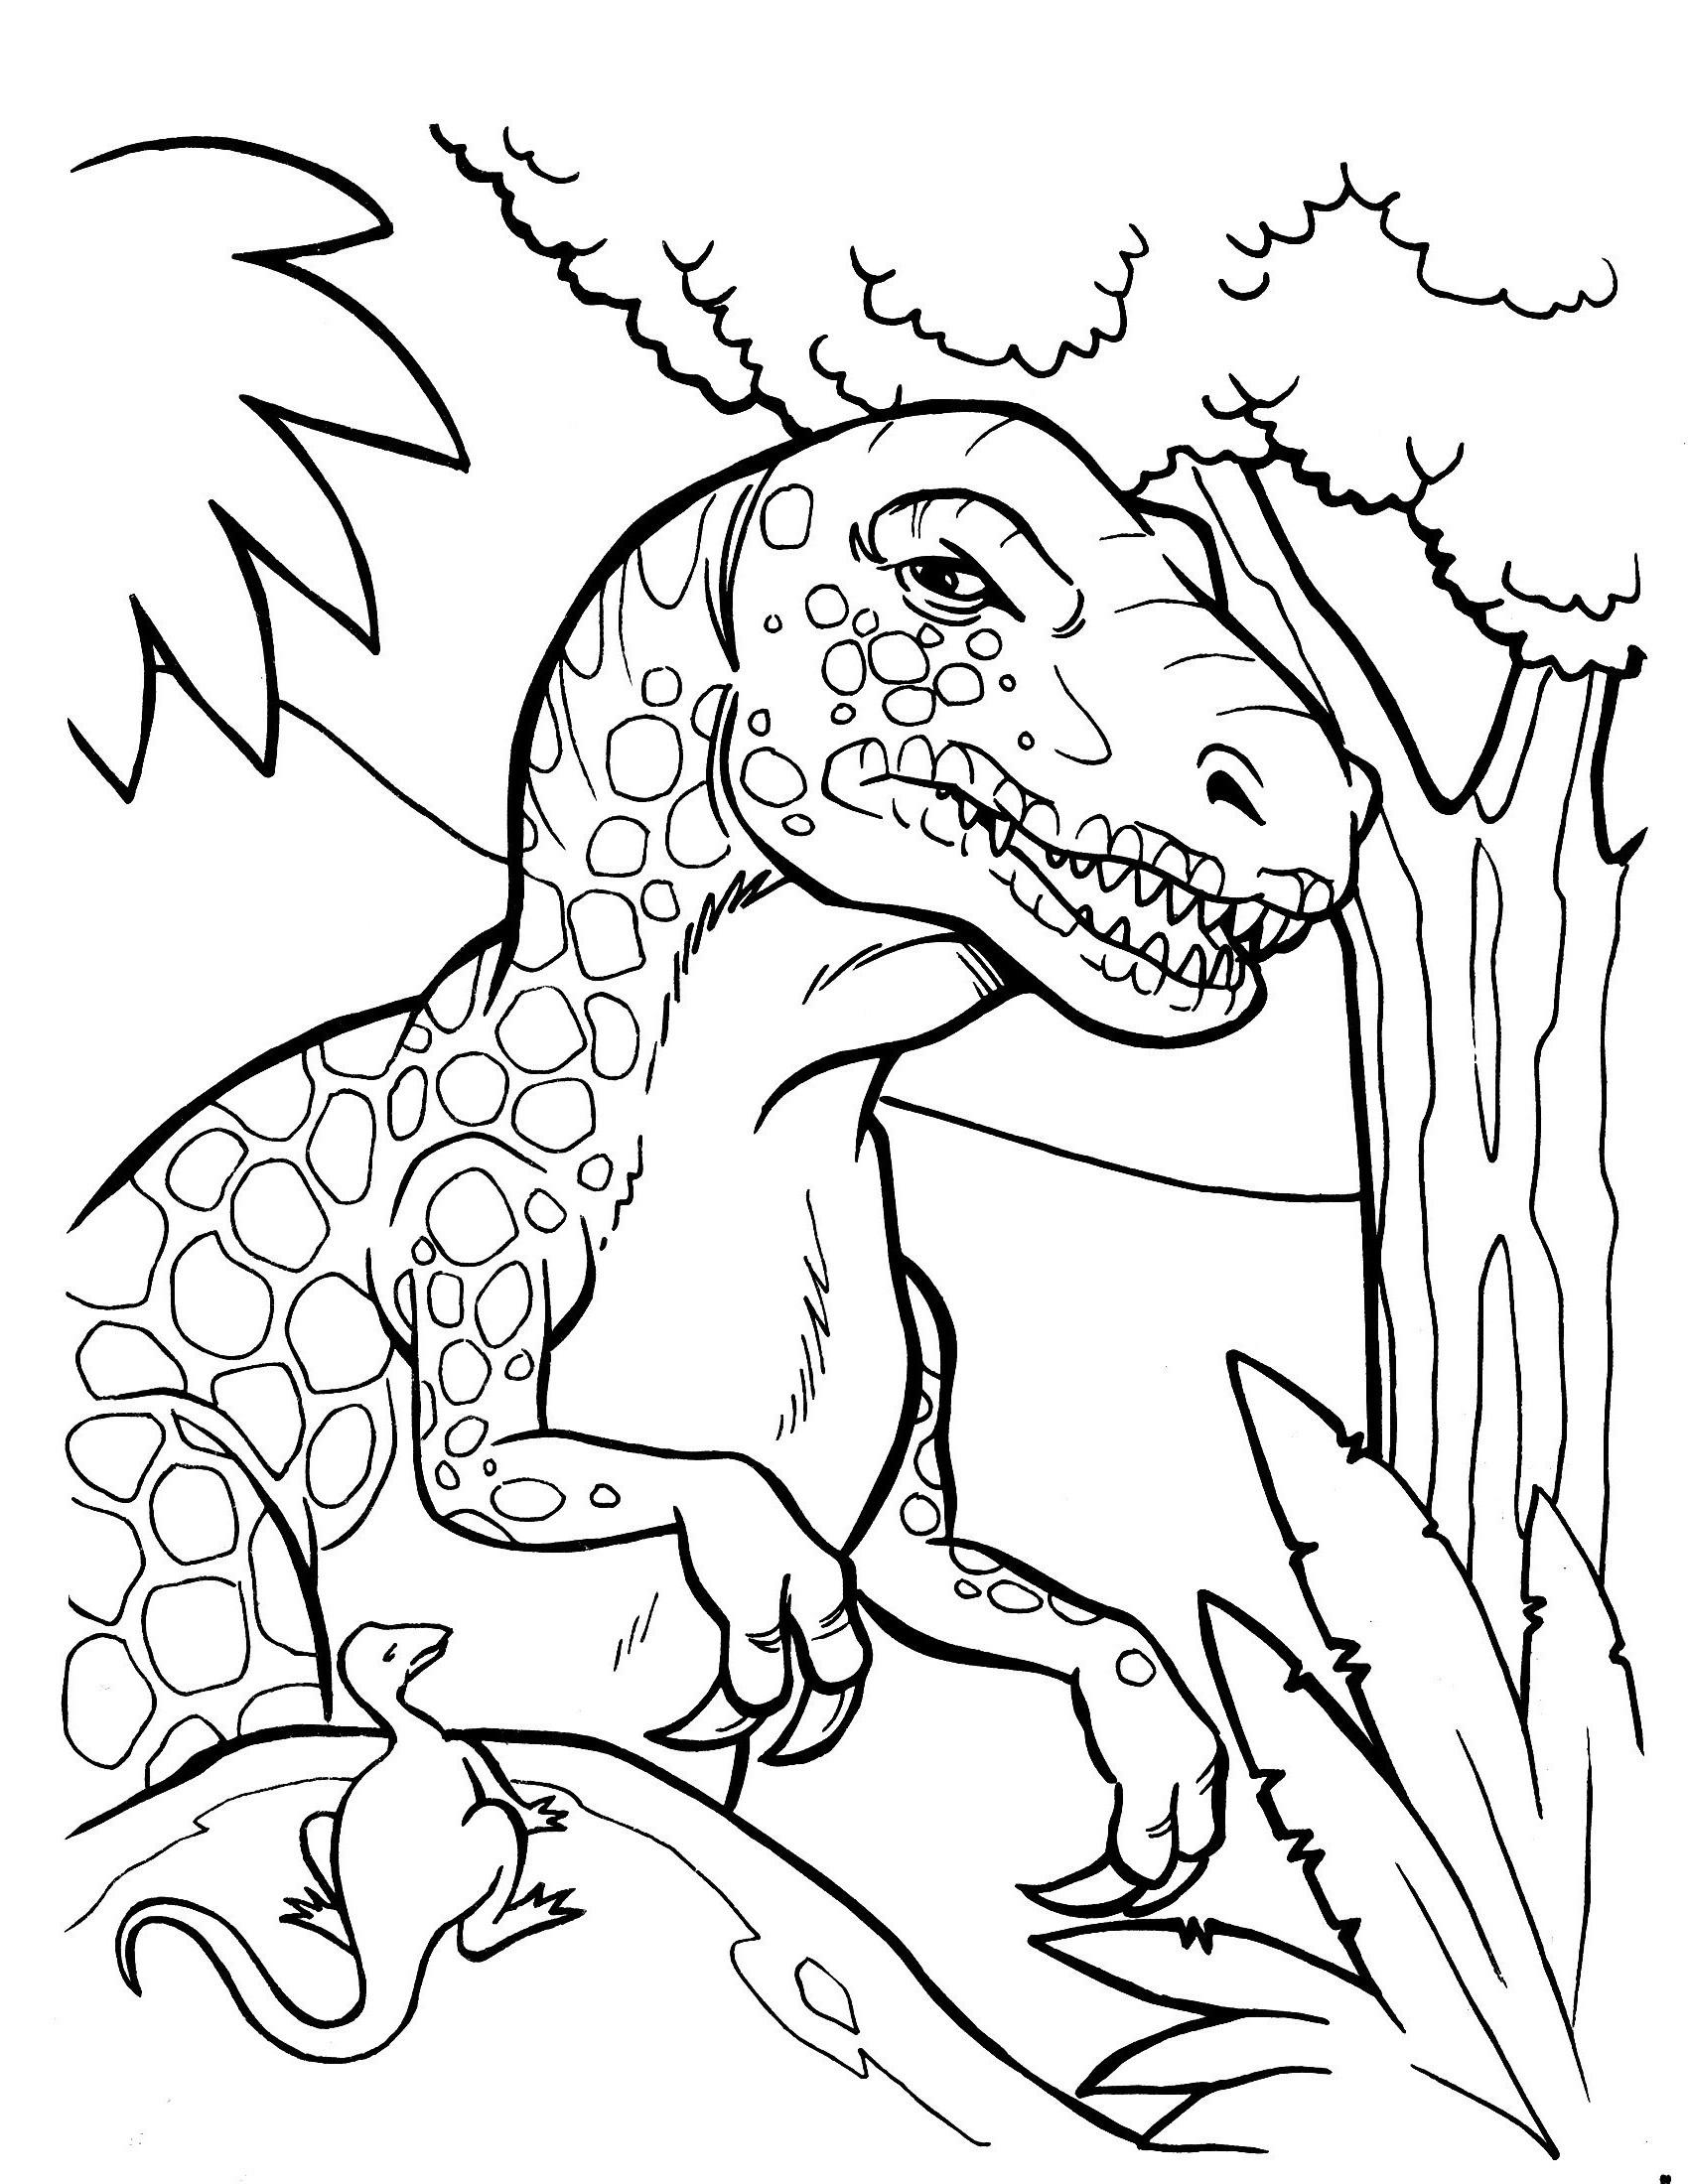 Steinzeit Bilder Zum Ausmalen Einzigartig 28 Schön Malvorlage Dinosaurier – Malvorlagen Ideen Das Bild